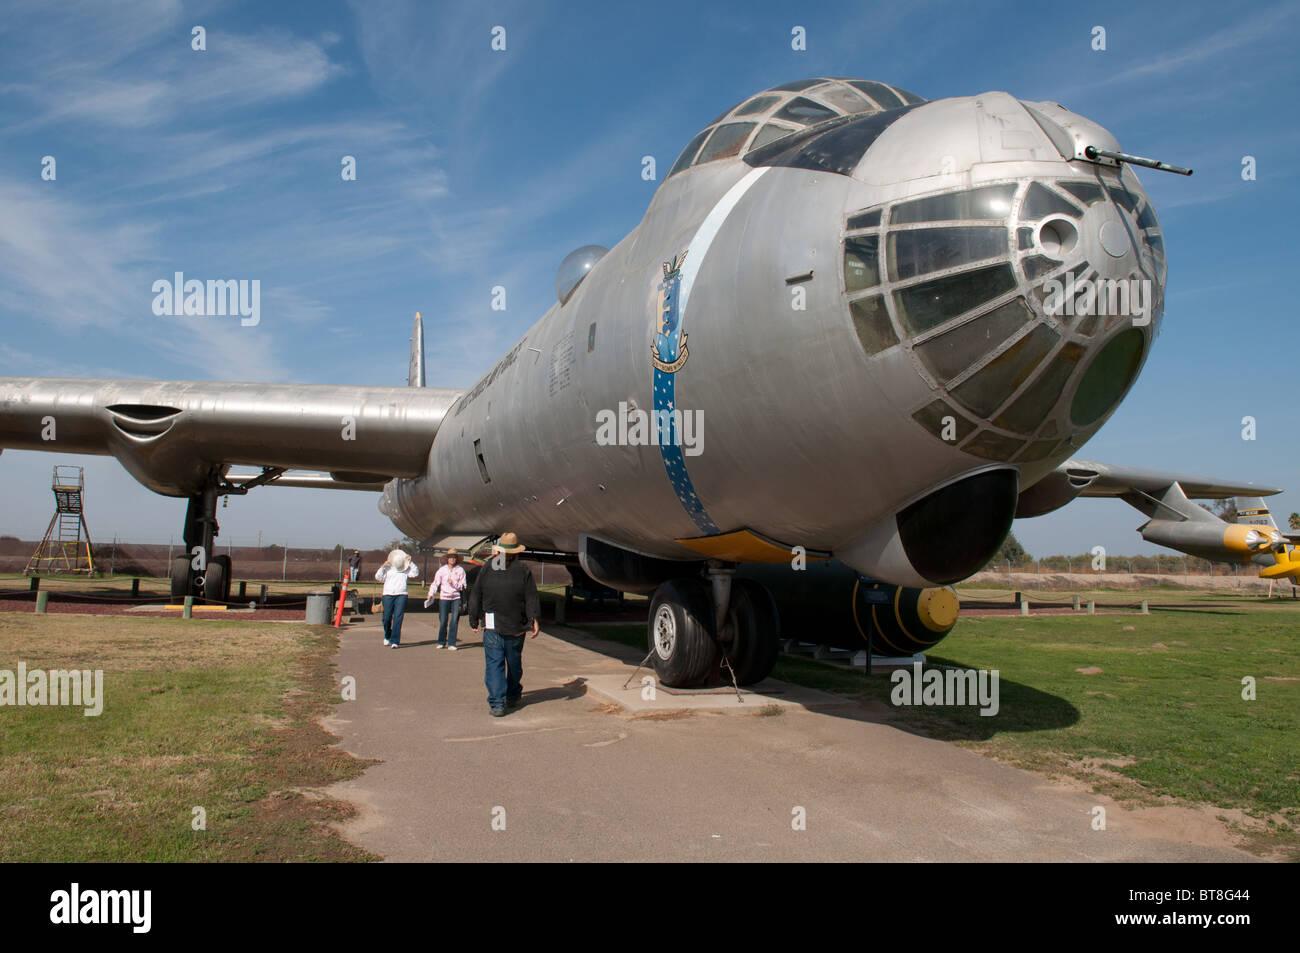 Un RB-36 Peacemaker avion bombardier à long rayon d'action sur l'affichage au château musée de l'air, Merced Californie USA. Banque D'Images